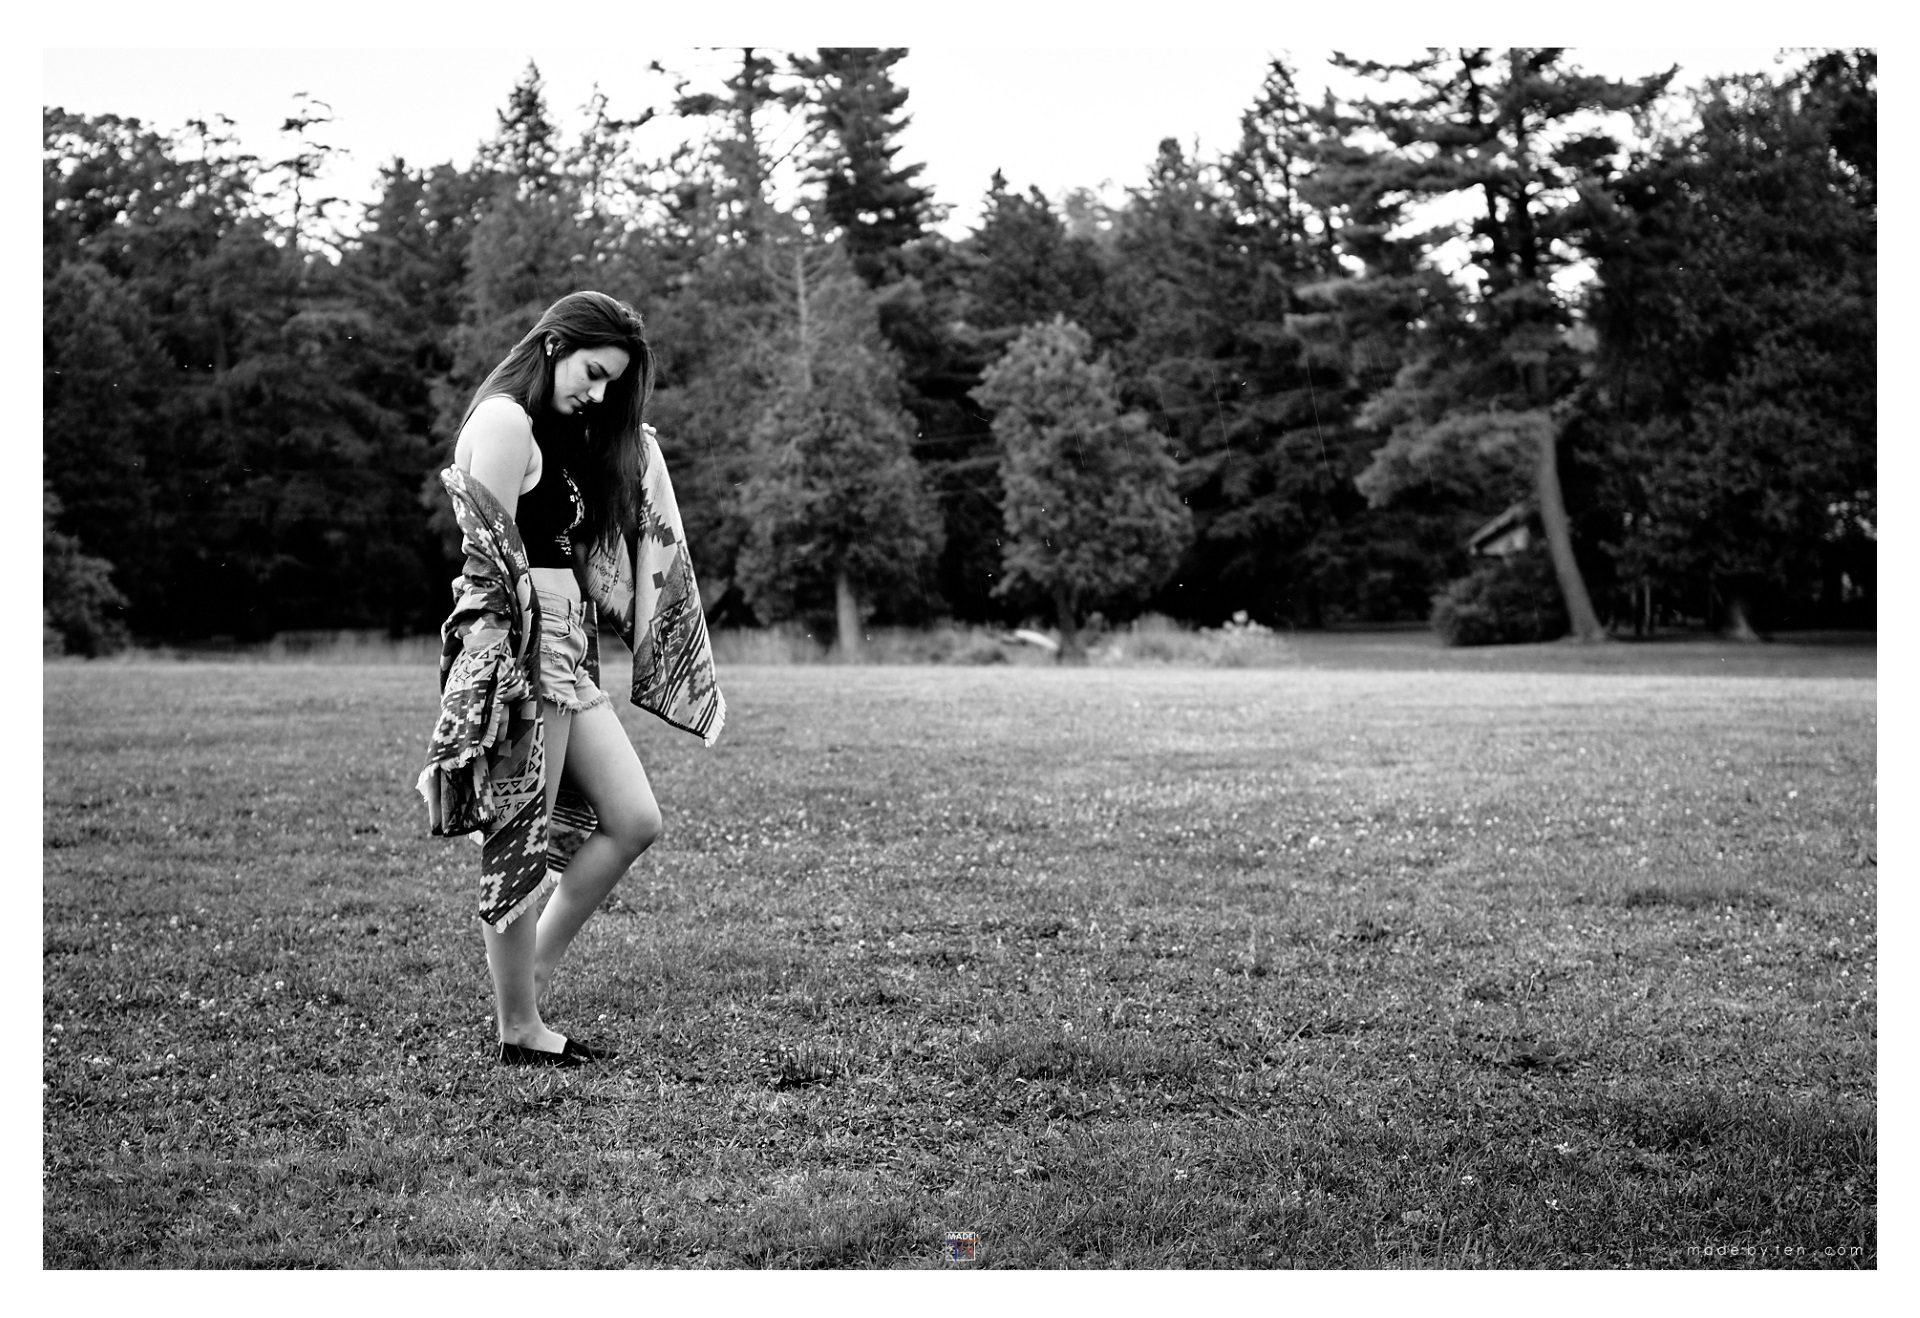 Woman Nature Fashion - GTA Women Lifestyle Photography